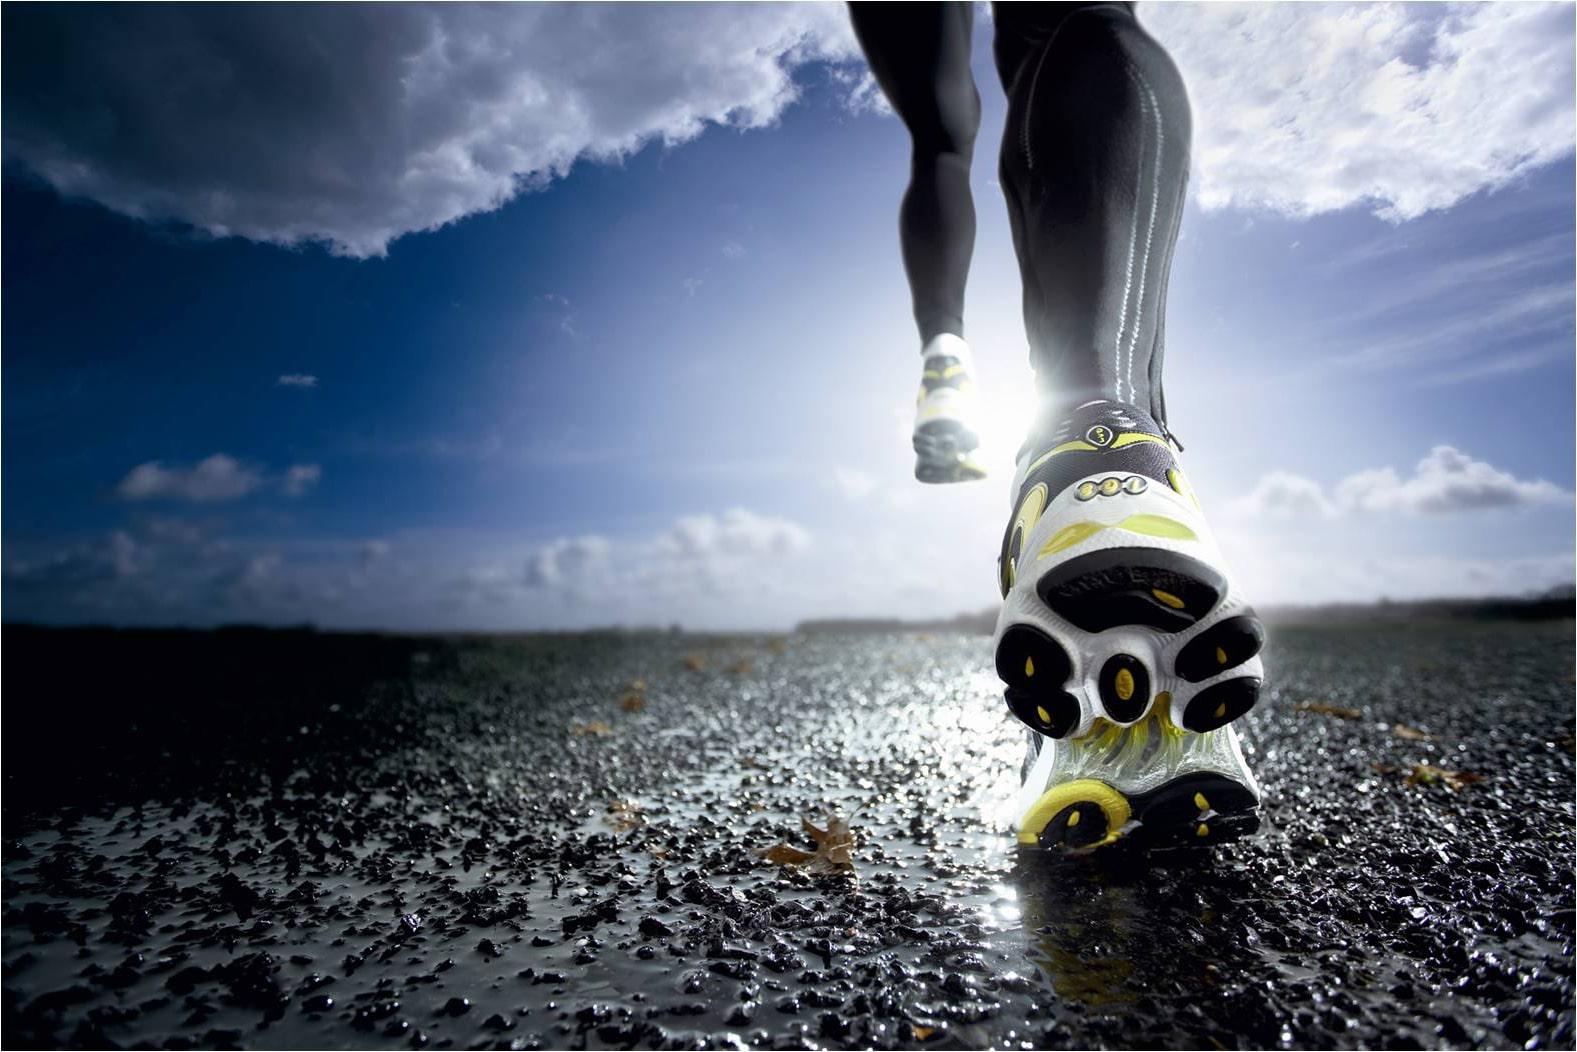 correre la maratona al meglio: aumenta la velocità in modo graduale